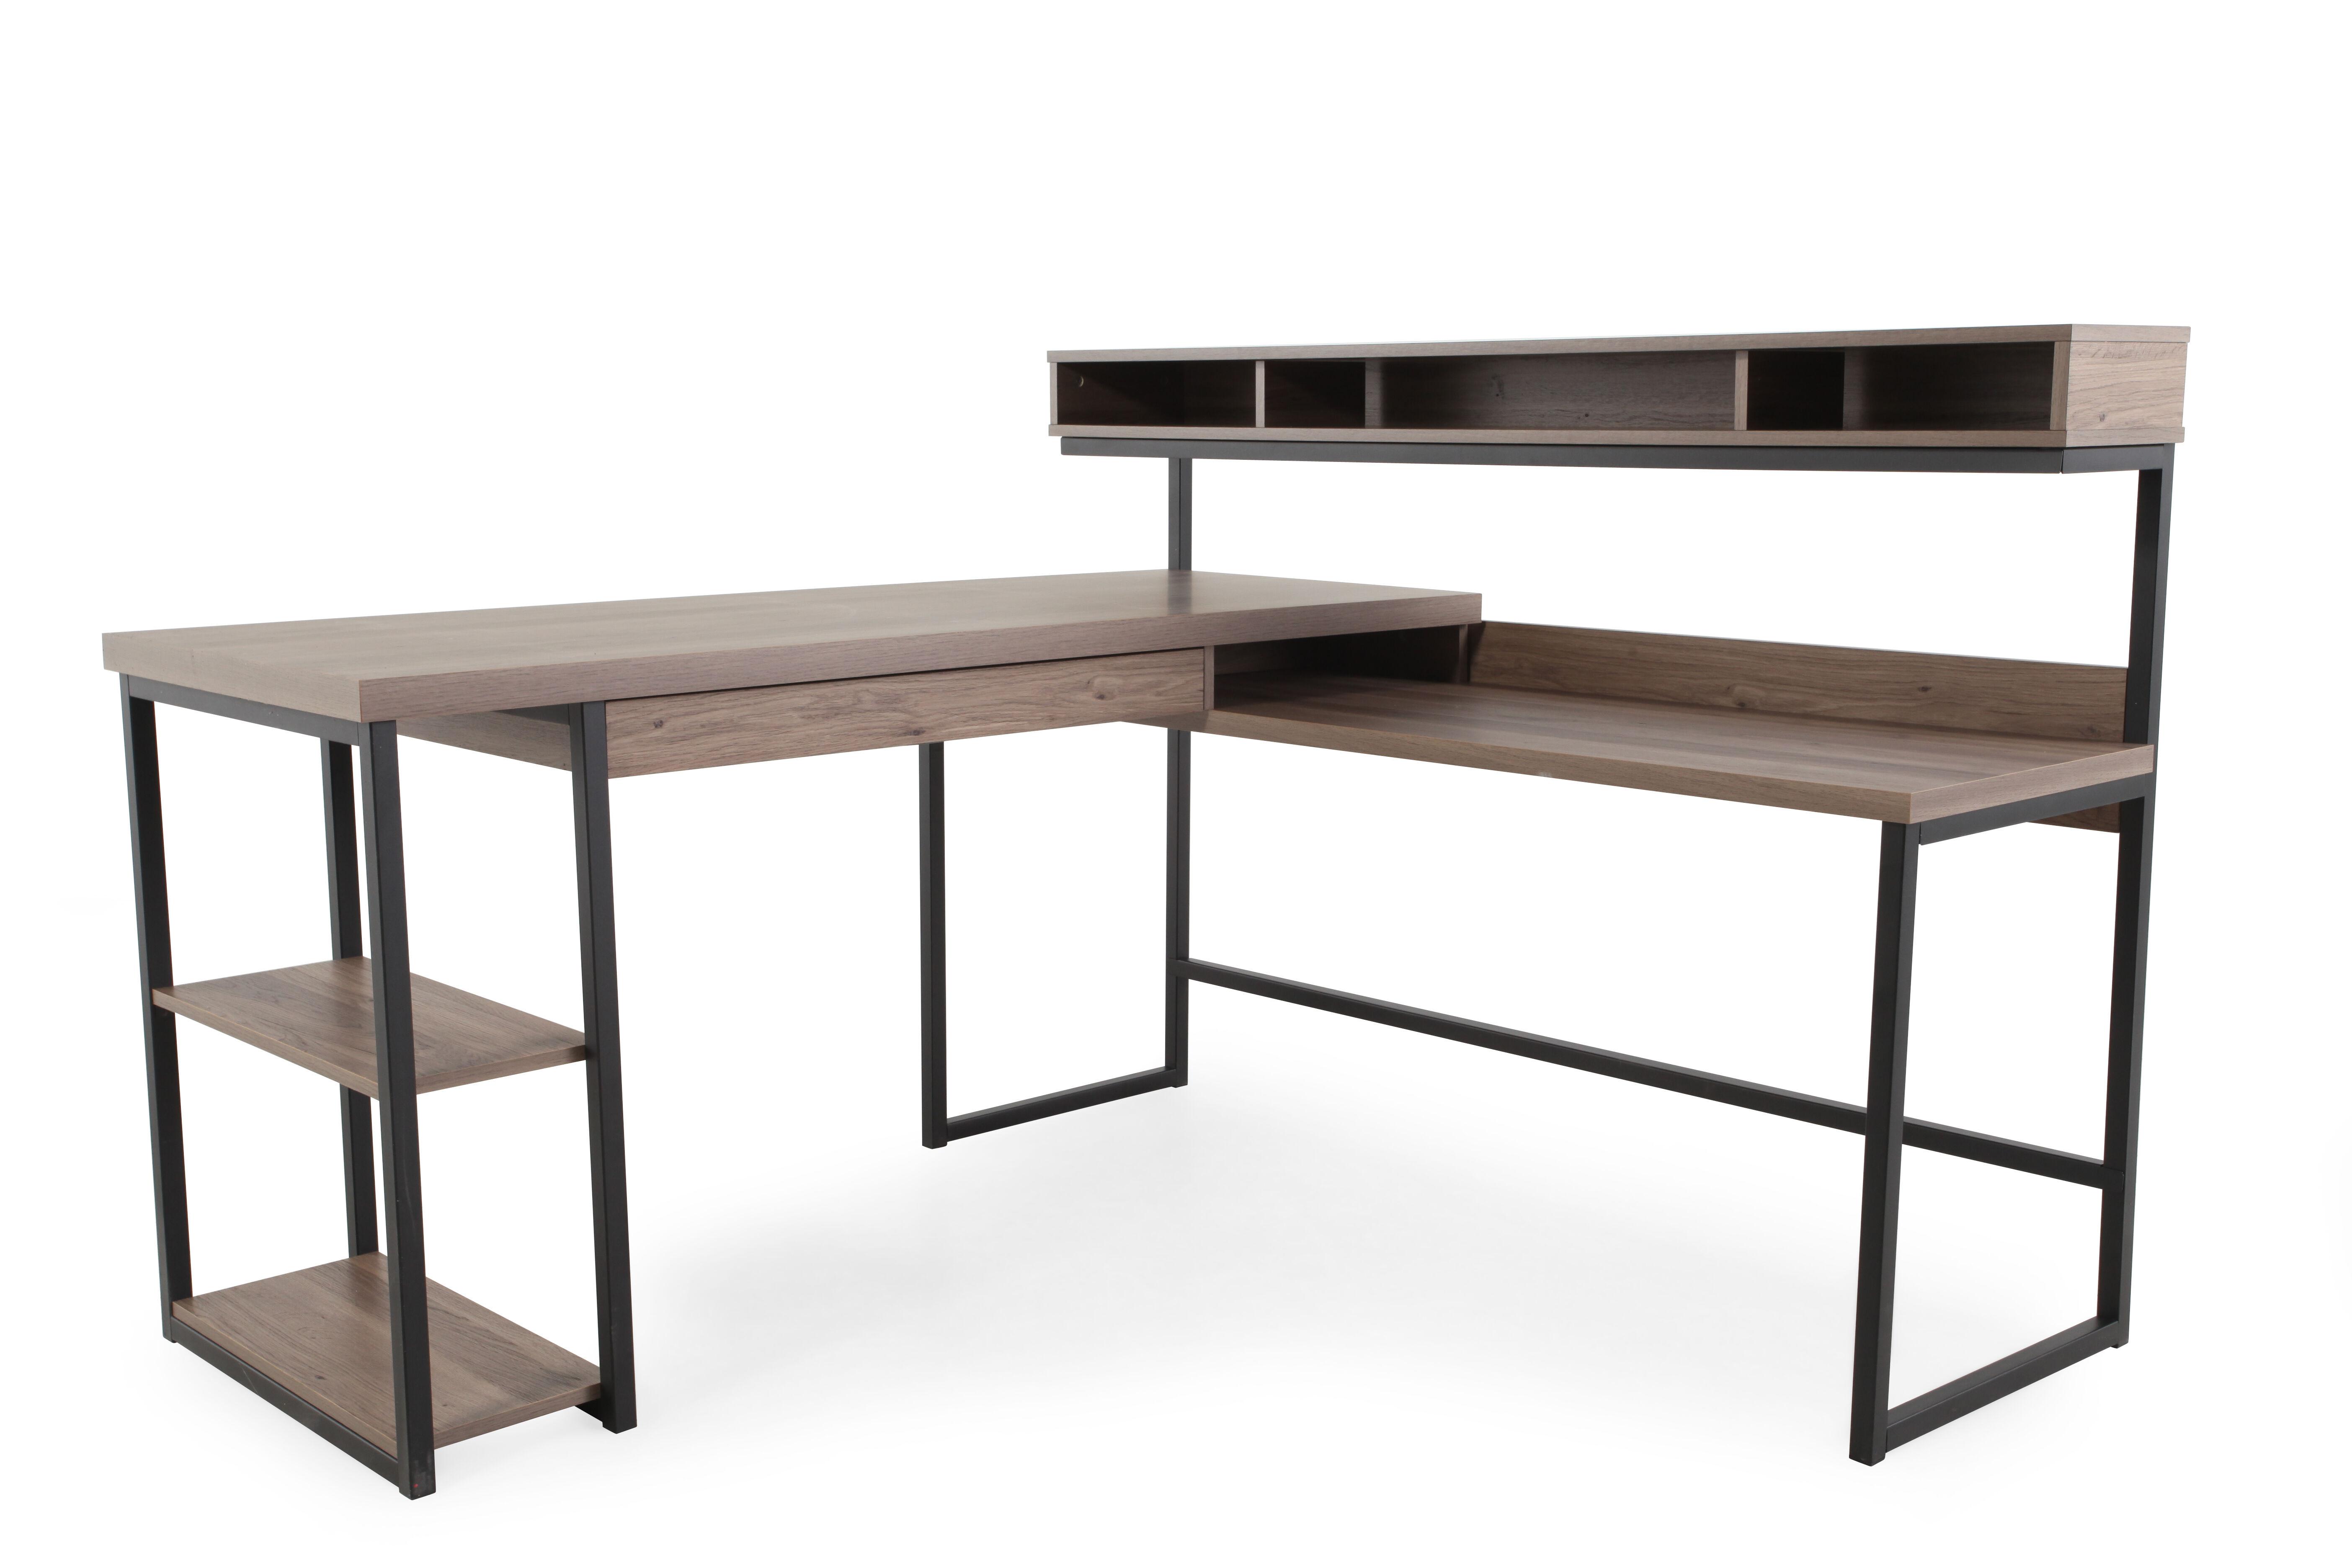 sauder lshaped desk - Sauder Desks